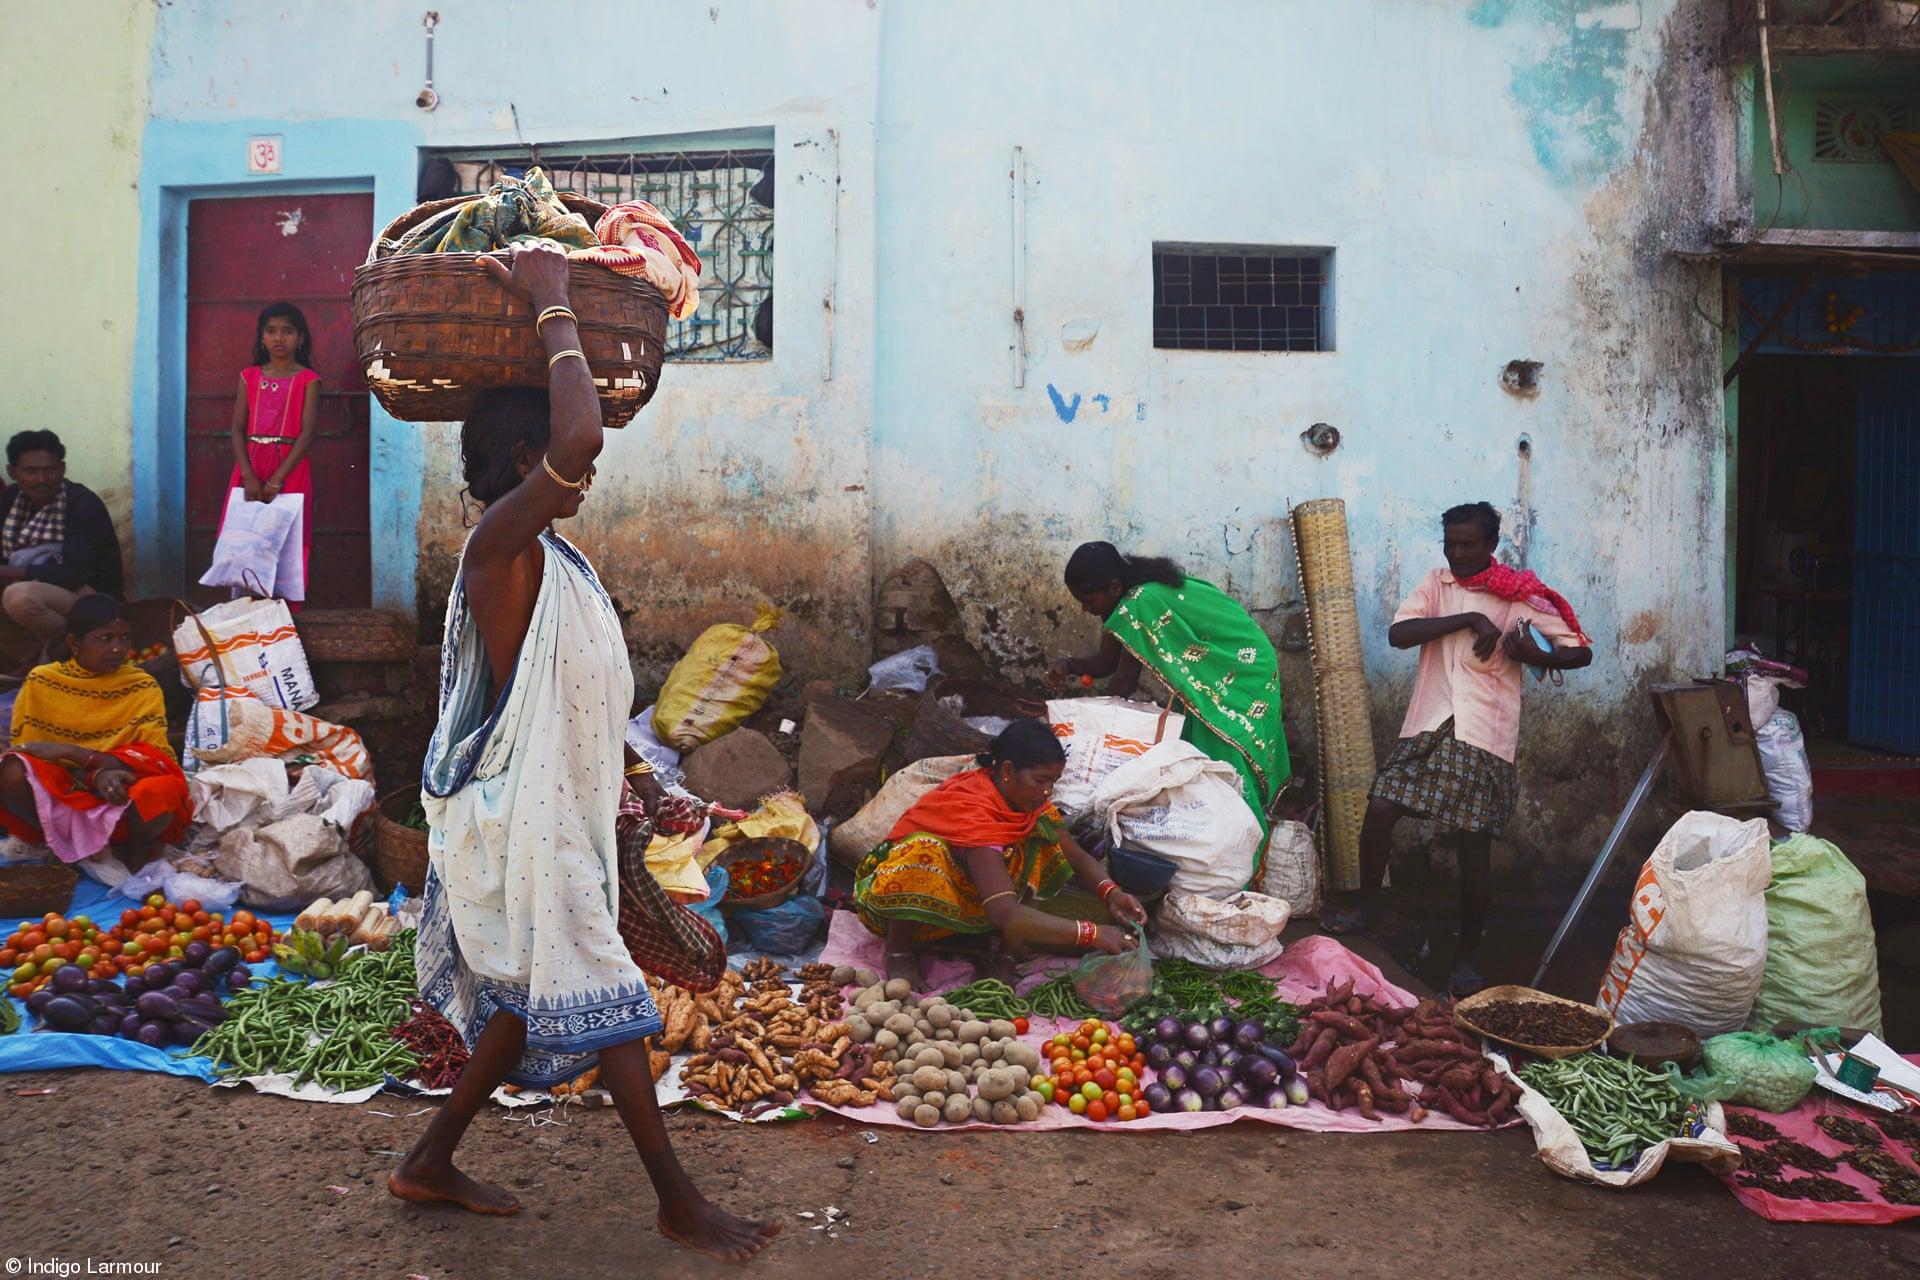 Νέος (11-14 ετών): «Φυλετικές Αγορές Οντίσα», της Ιντιγκο Λαρμούρ, Ινδία. Οι φυλετικές αγορές στην Οντέσα είναι μερικές από τις πιο πολύχρωμες σε όλη την Ινδία. Οι αγρότισσες κάθονται συνήθως στο έδαφος και απλώνουν μπροστά τους τα λαχανικά που πωλούν